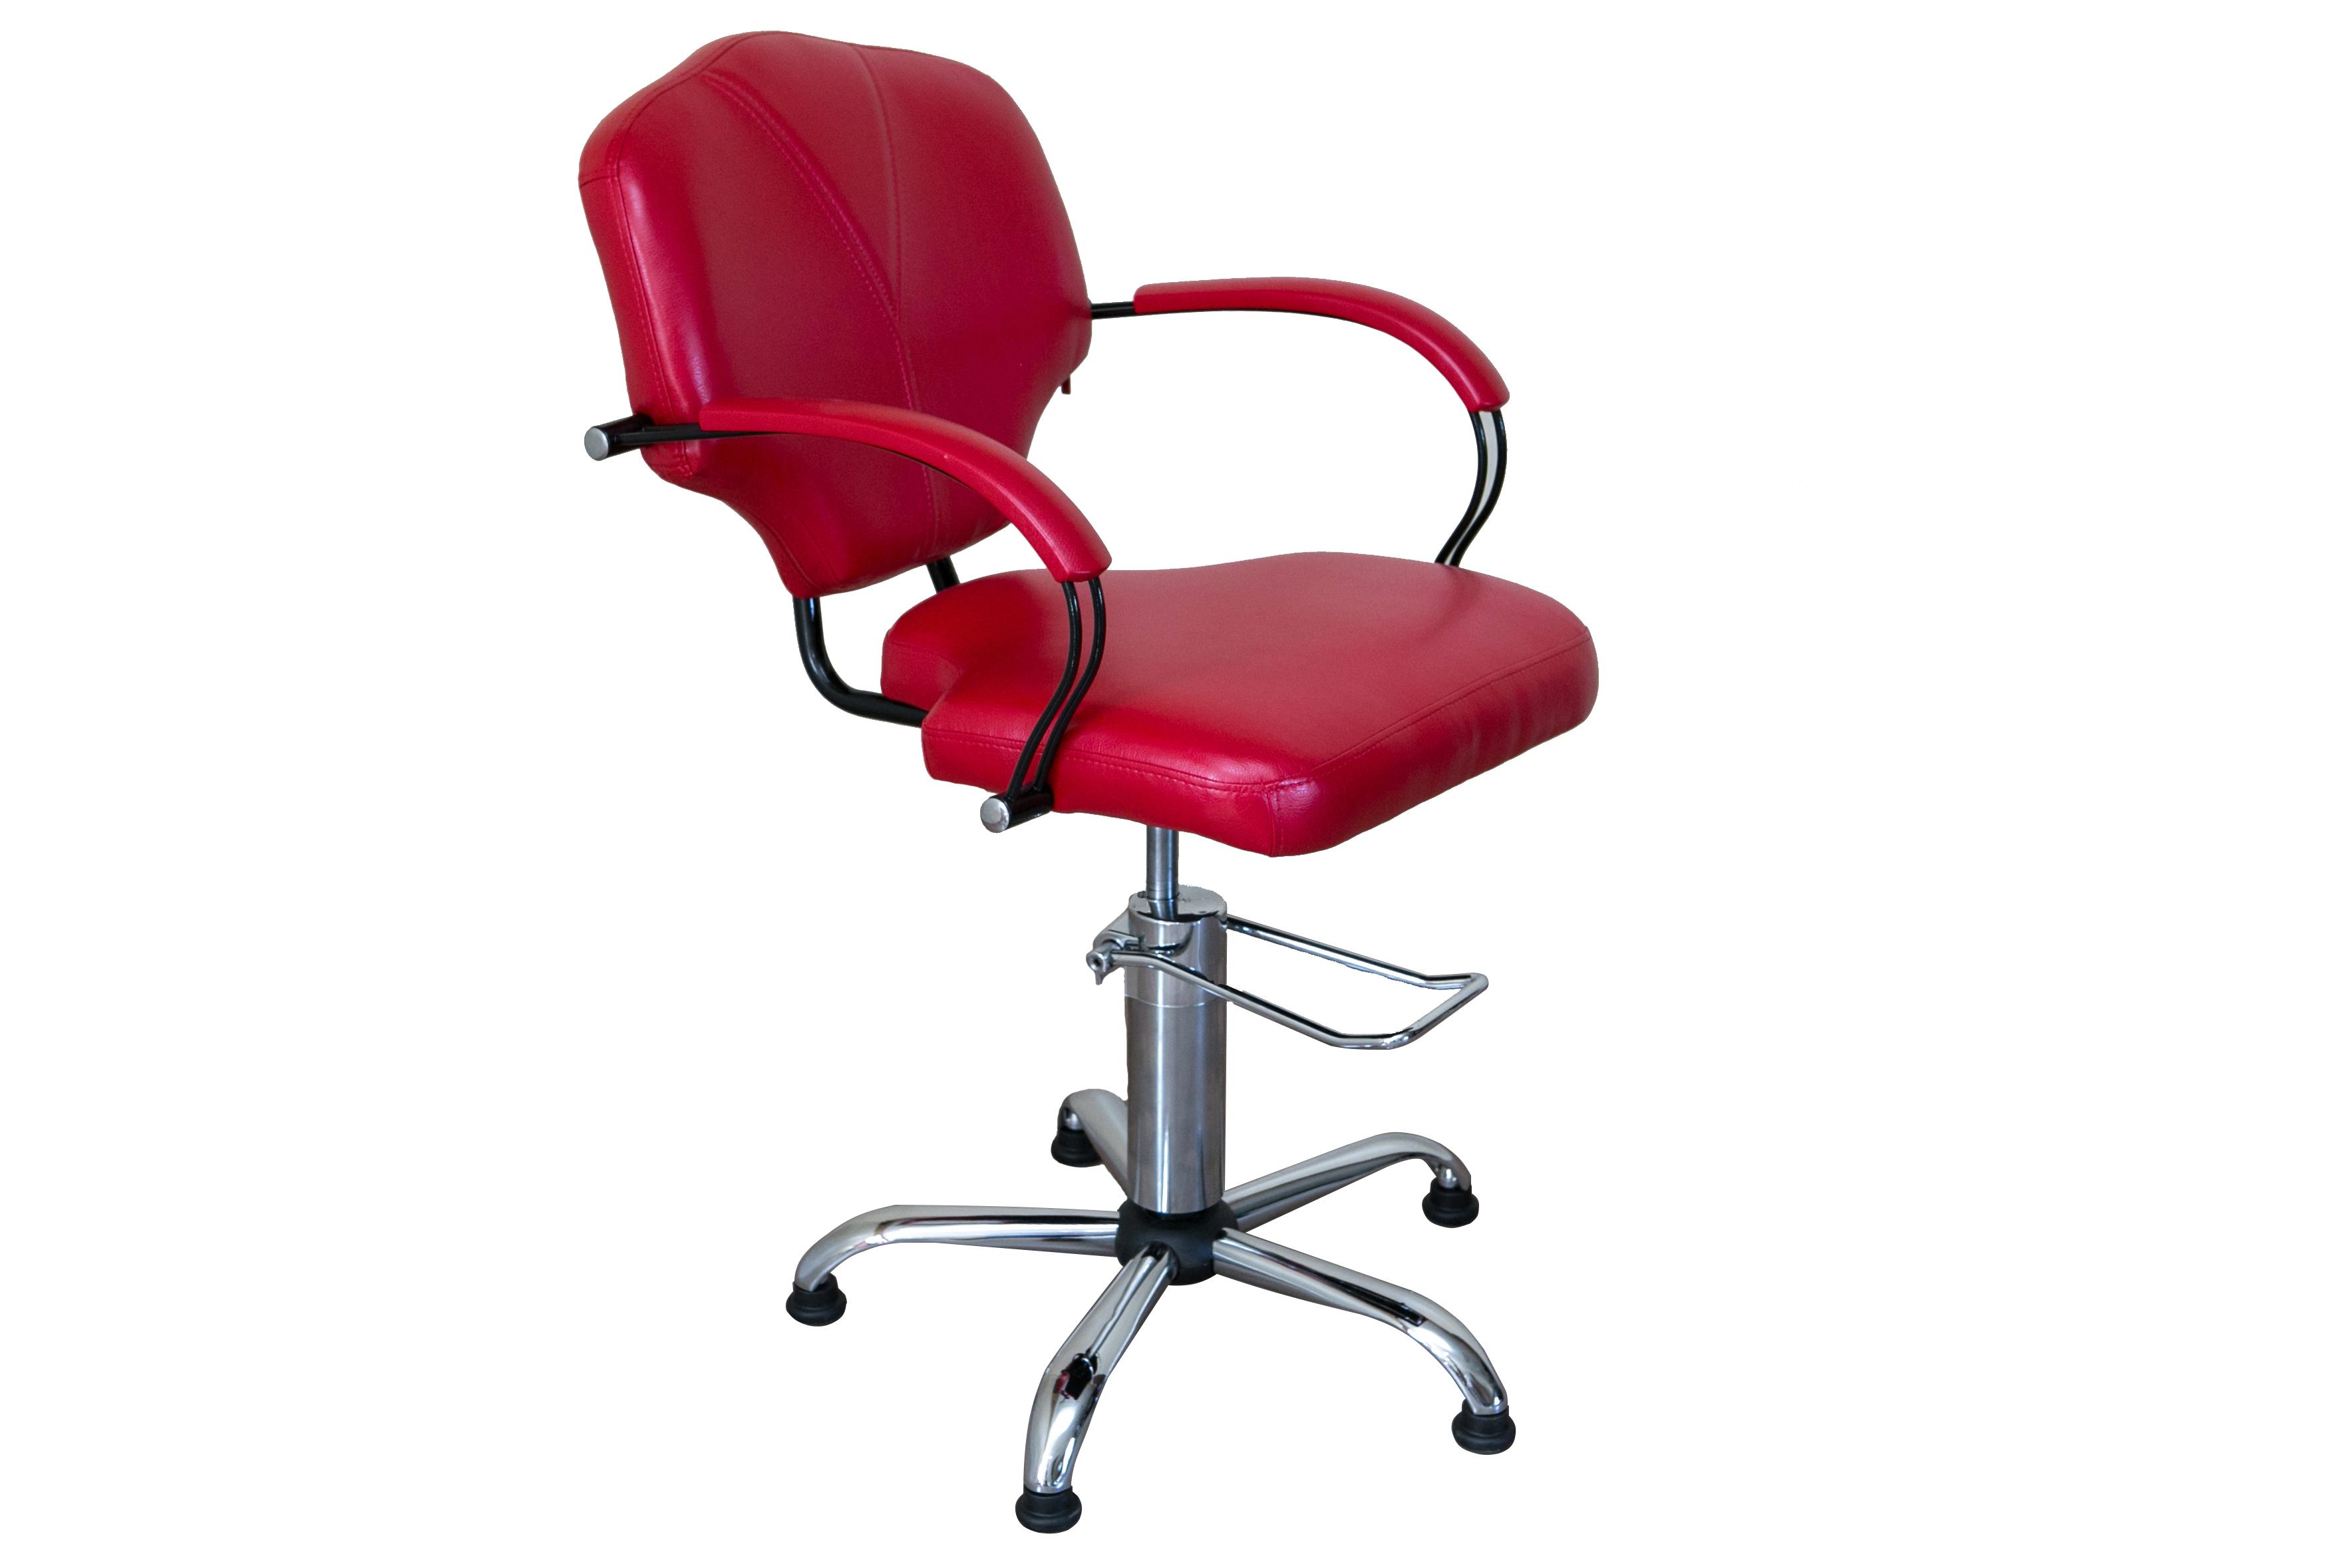 Купить Парикмахерская мебель Mebel Studio, Парикмахерское кресло Mebel Studio Нарцисс